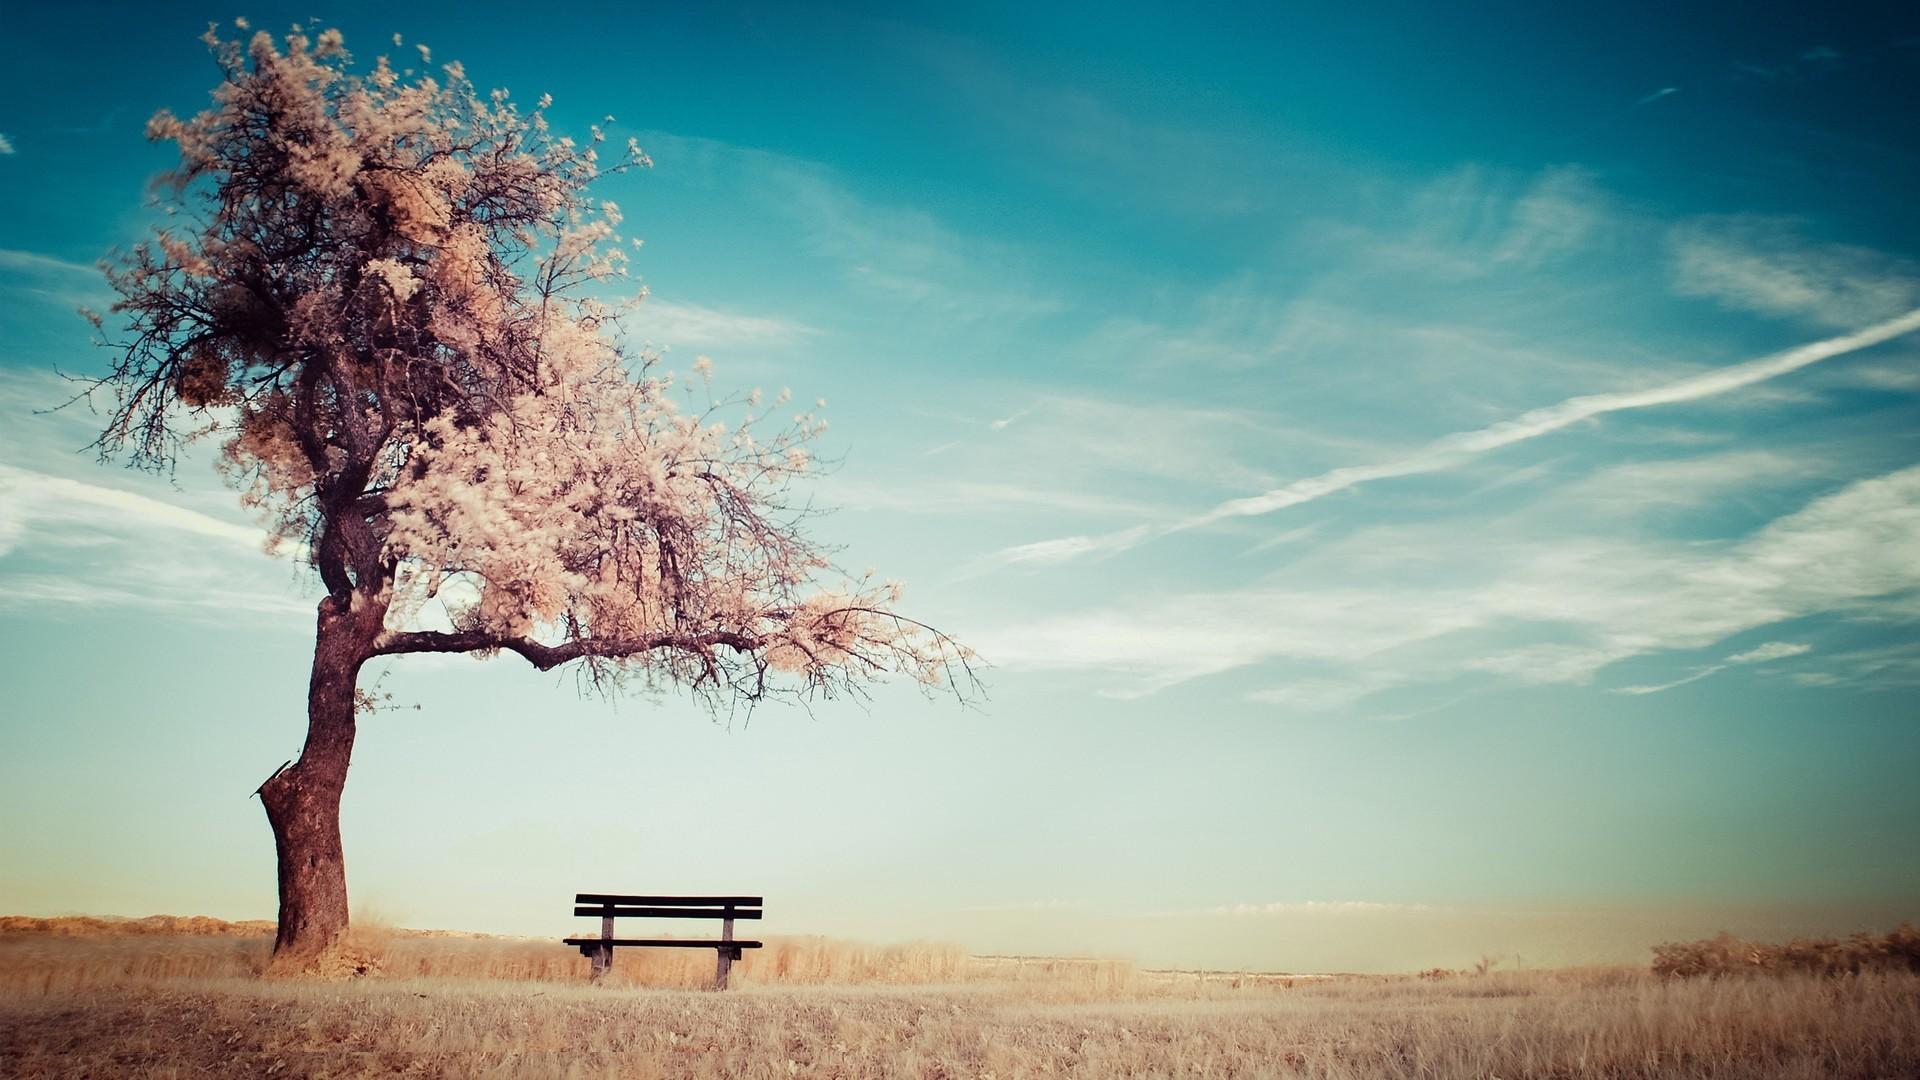 Скачать картинку Пейзаж, Деревья, Небо в телефон бесплатно.